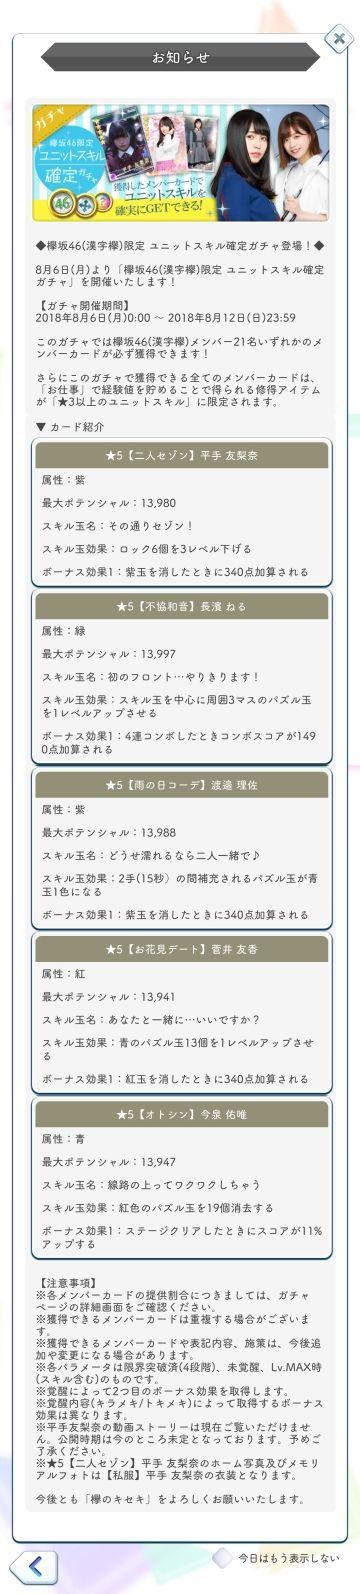 00 ユニットスキル確定ガチャ(欅坂46) 詳細